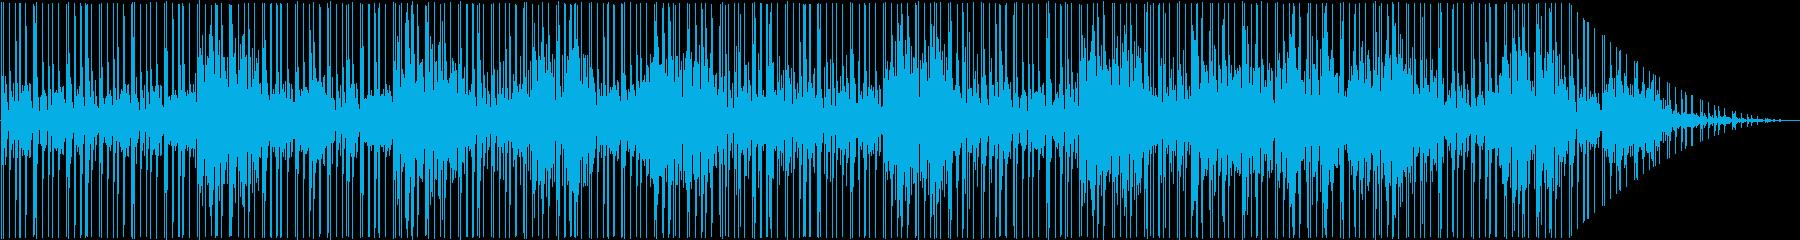 おふざけ曲。の再生済みの波形